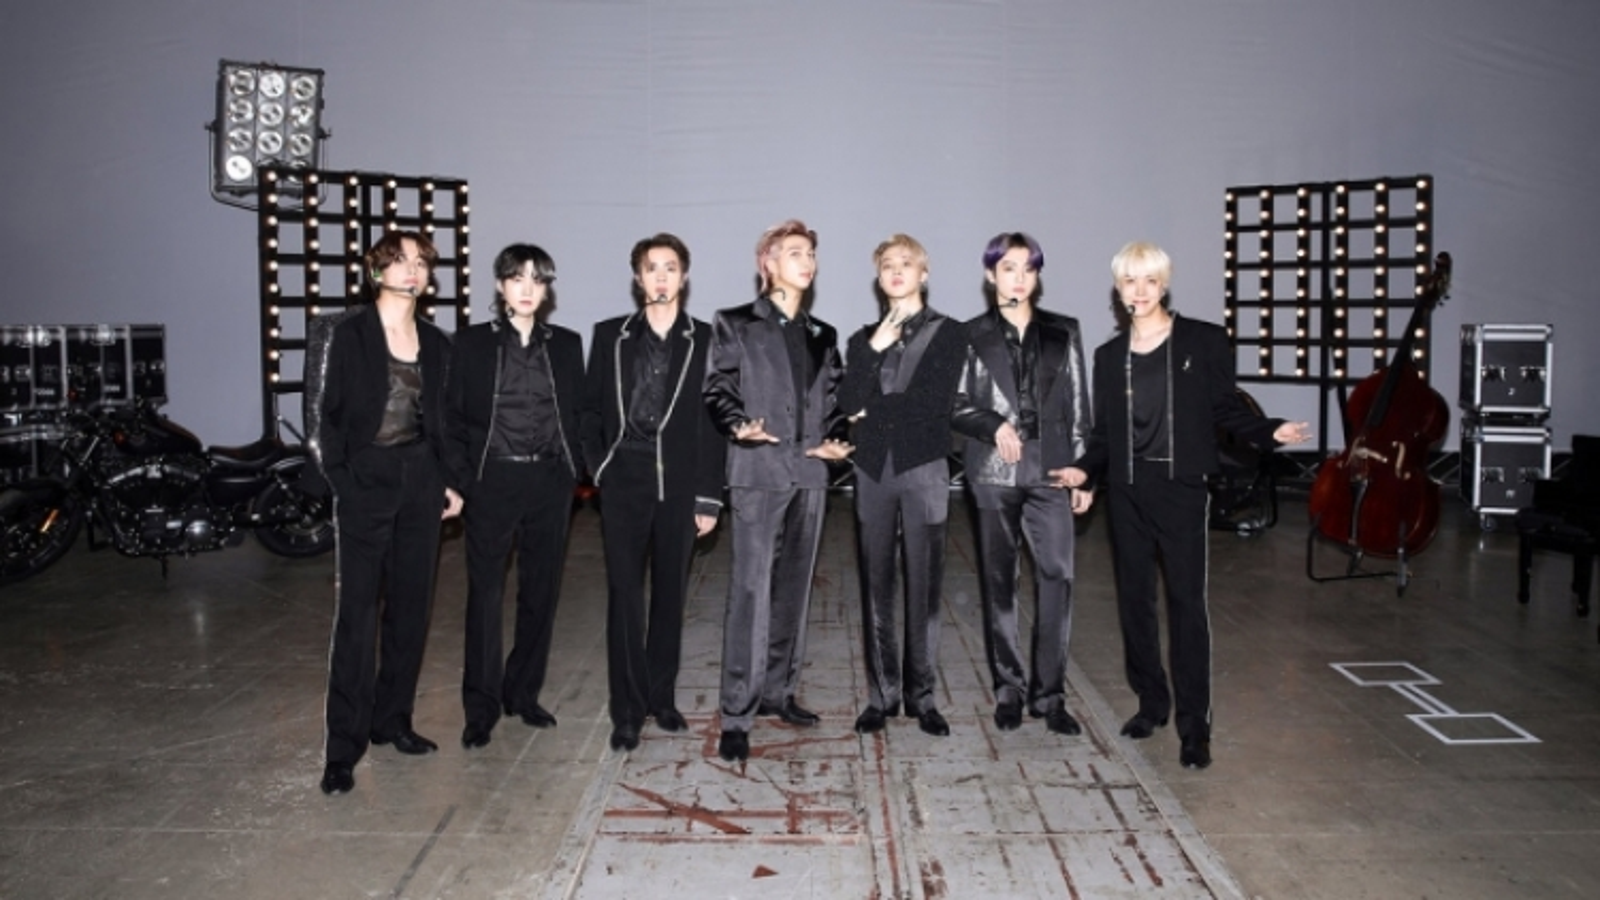 2022 sẽ là năm của BTS và K-pop tại giải thưởng Grammy?